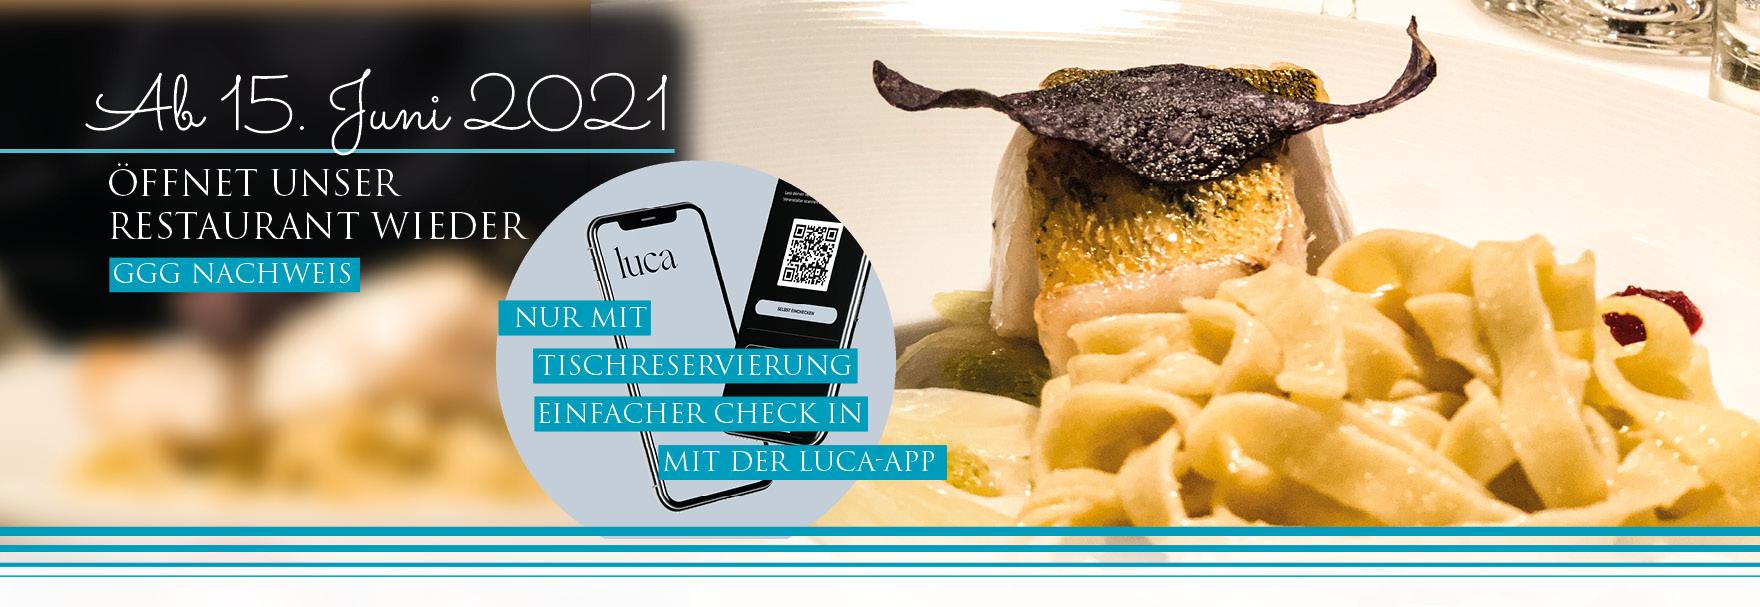 Restauranteröffnung mit Luca-App GGG Nachweis